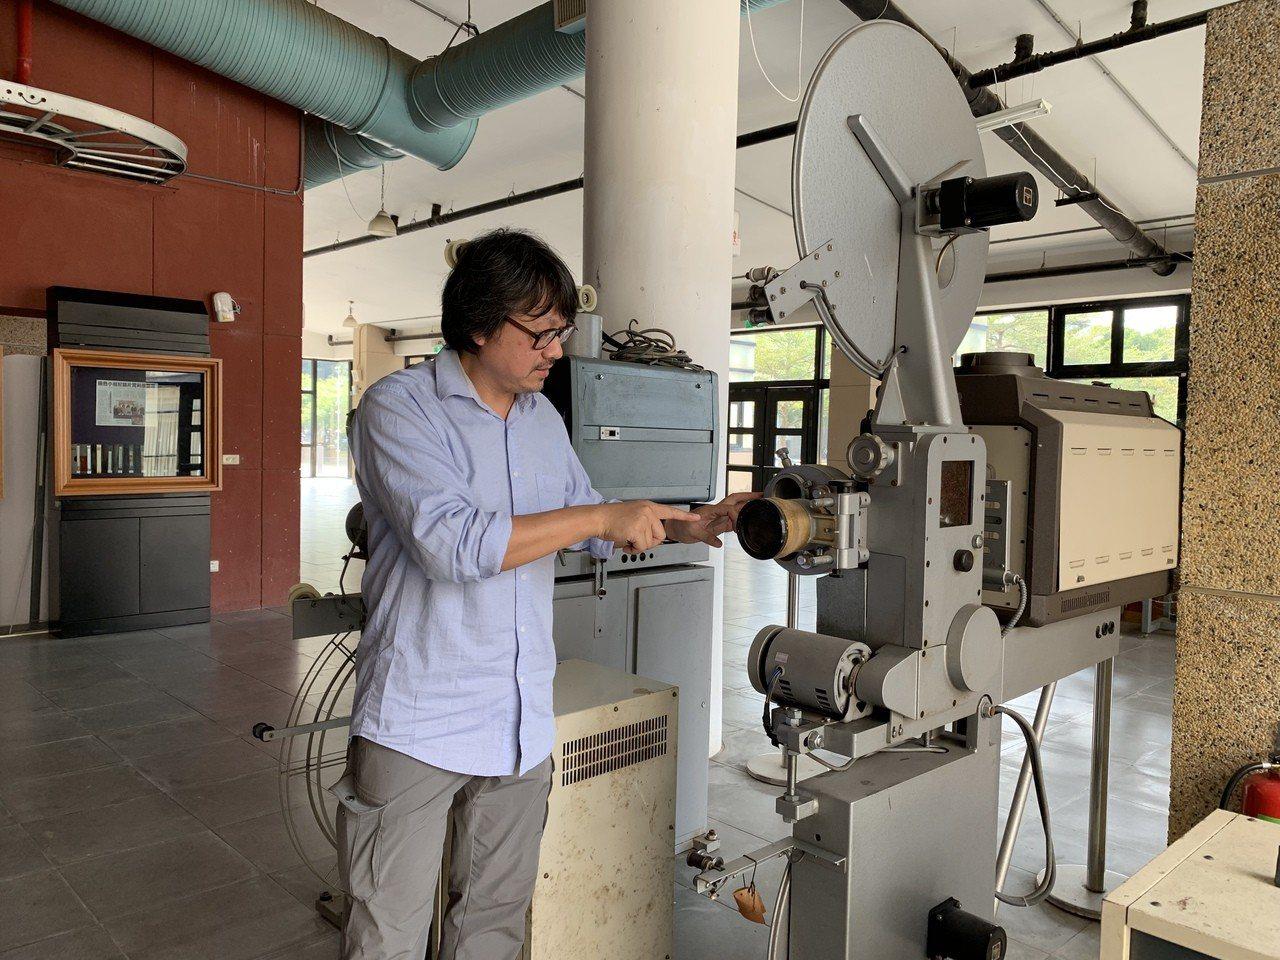 台南藝術大學保存被淘汰的早期影片播放機器。記者吳淑玲/攝影